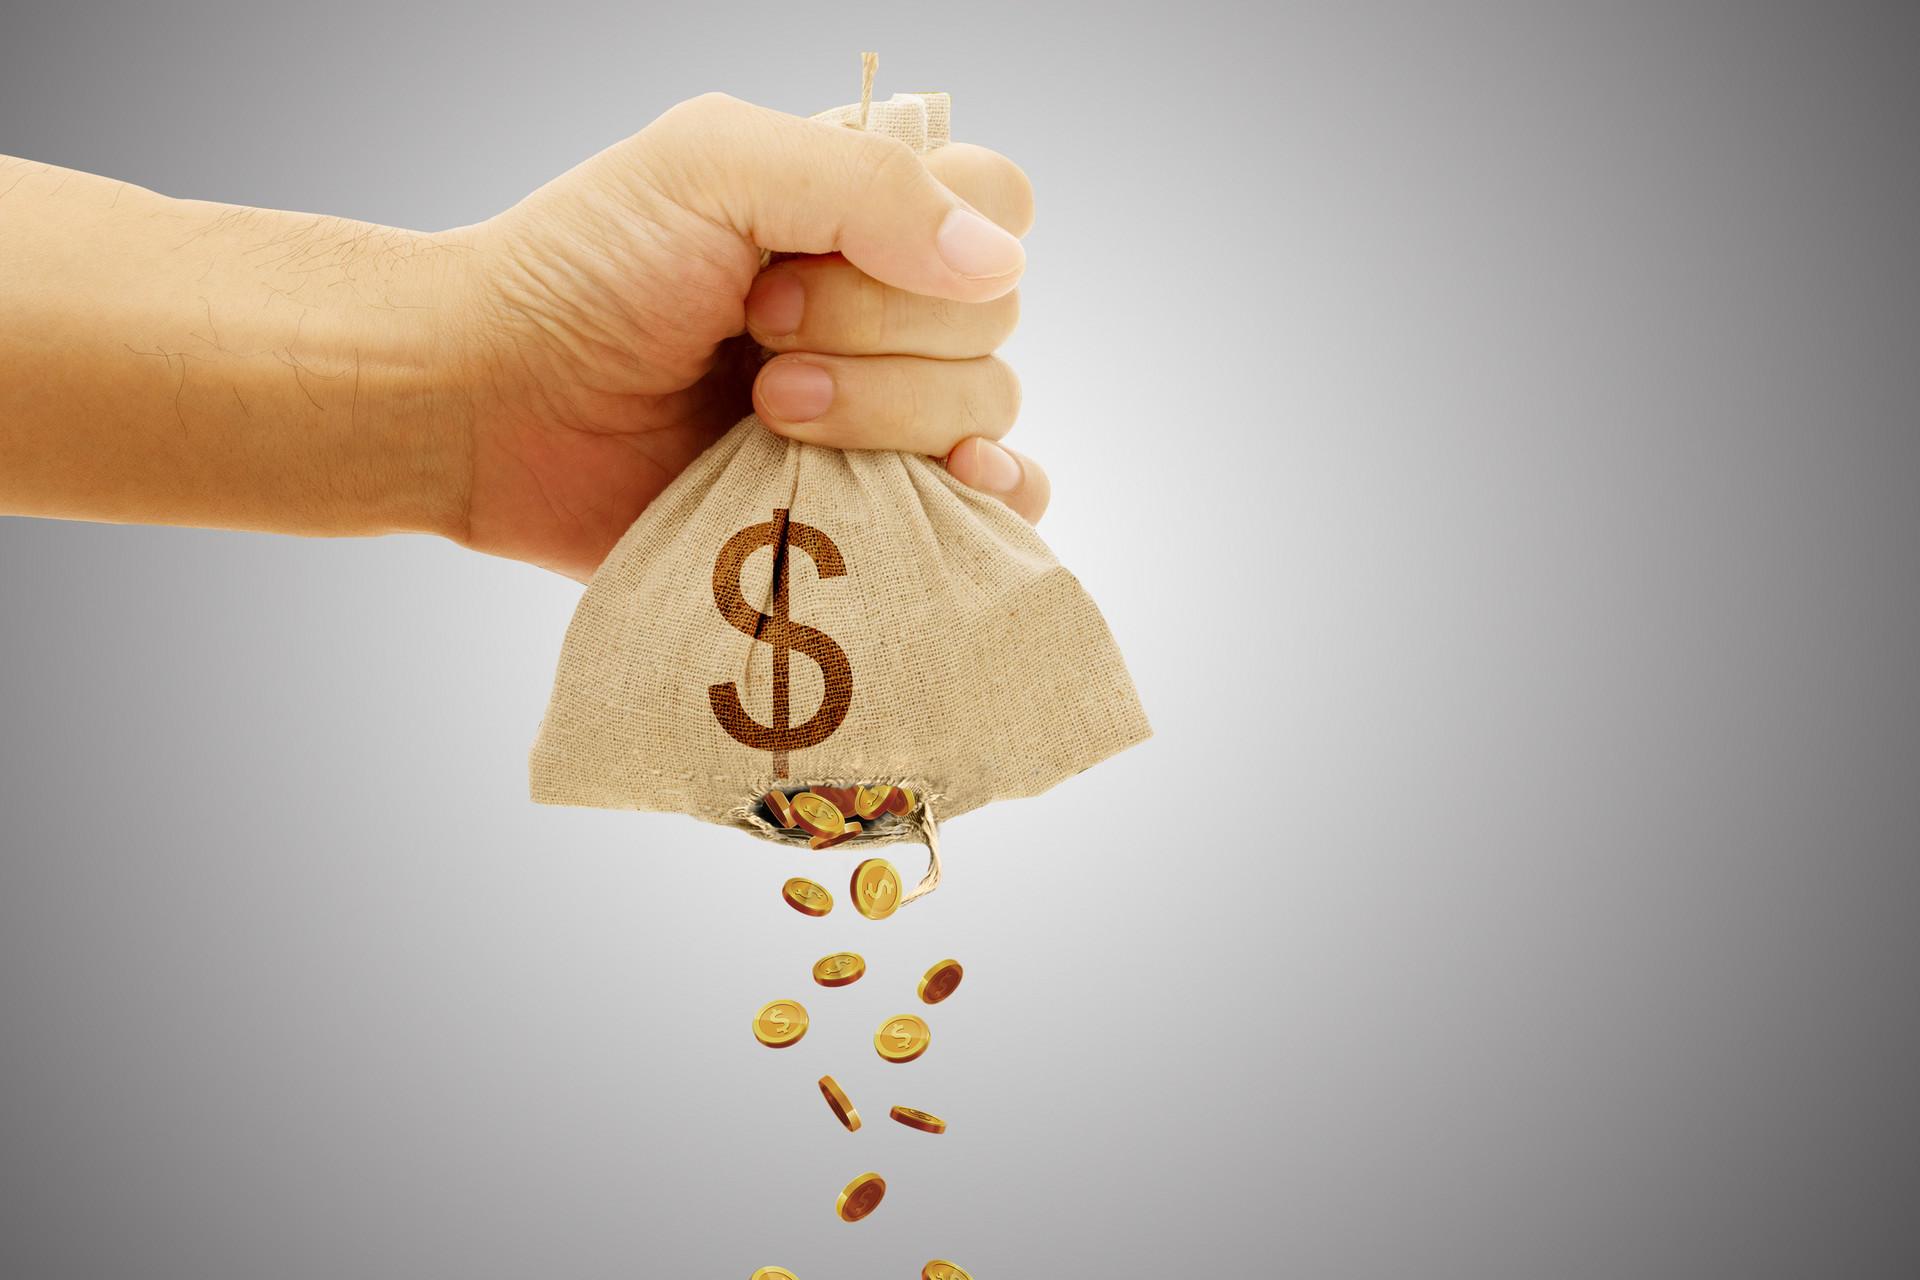 民间借贷利率红线降到15.4%,这些公司将遭团灭!